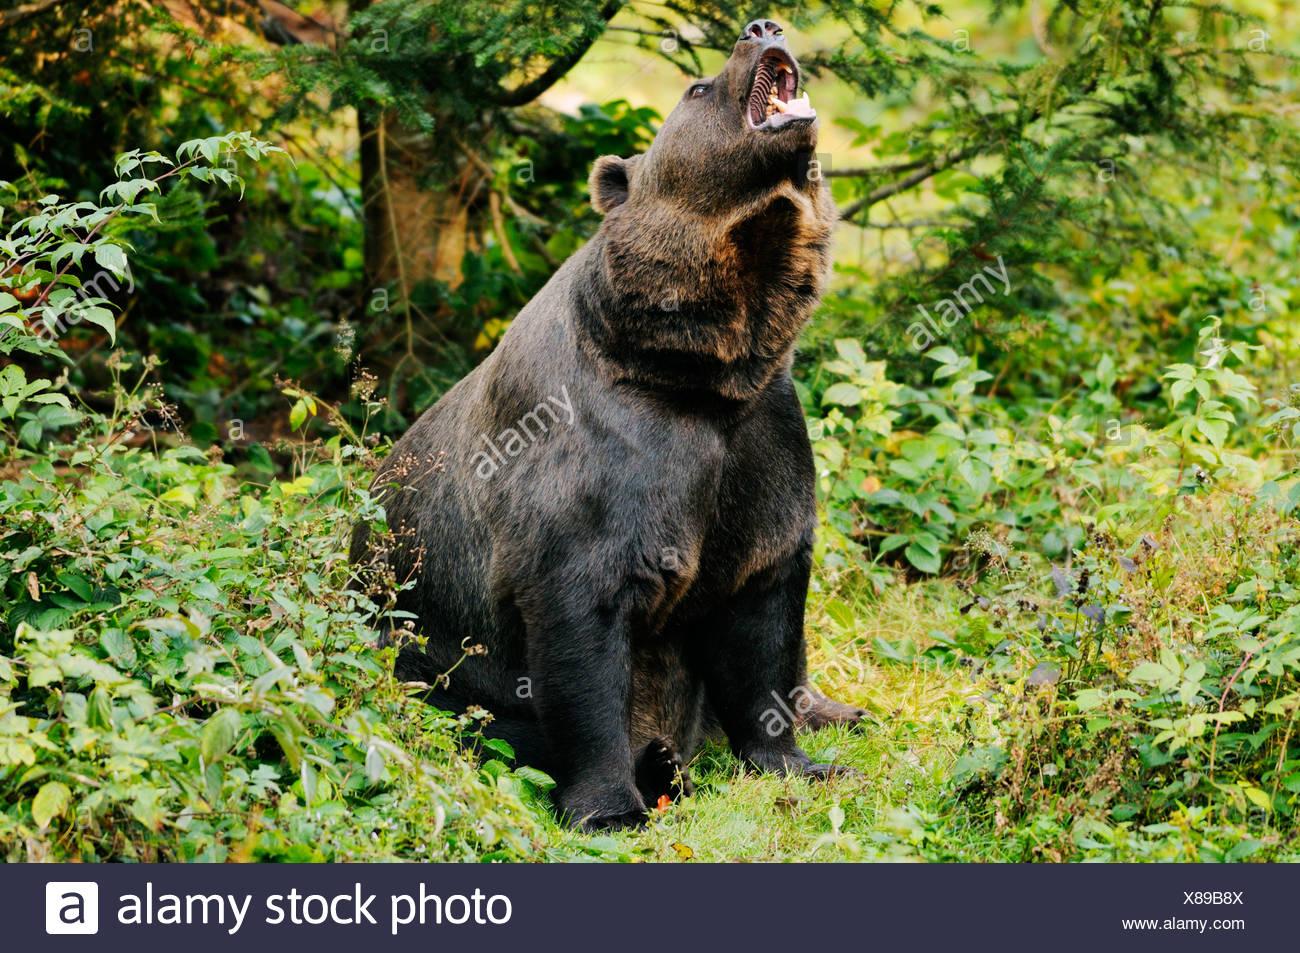 brown bear - growling / Ursus arctos - Stock Image